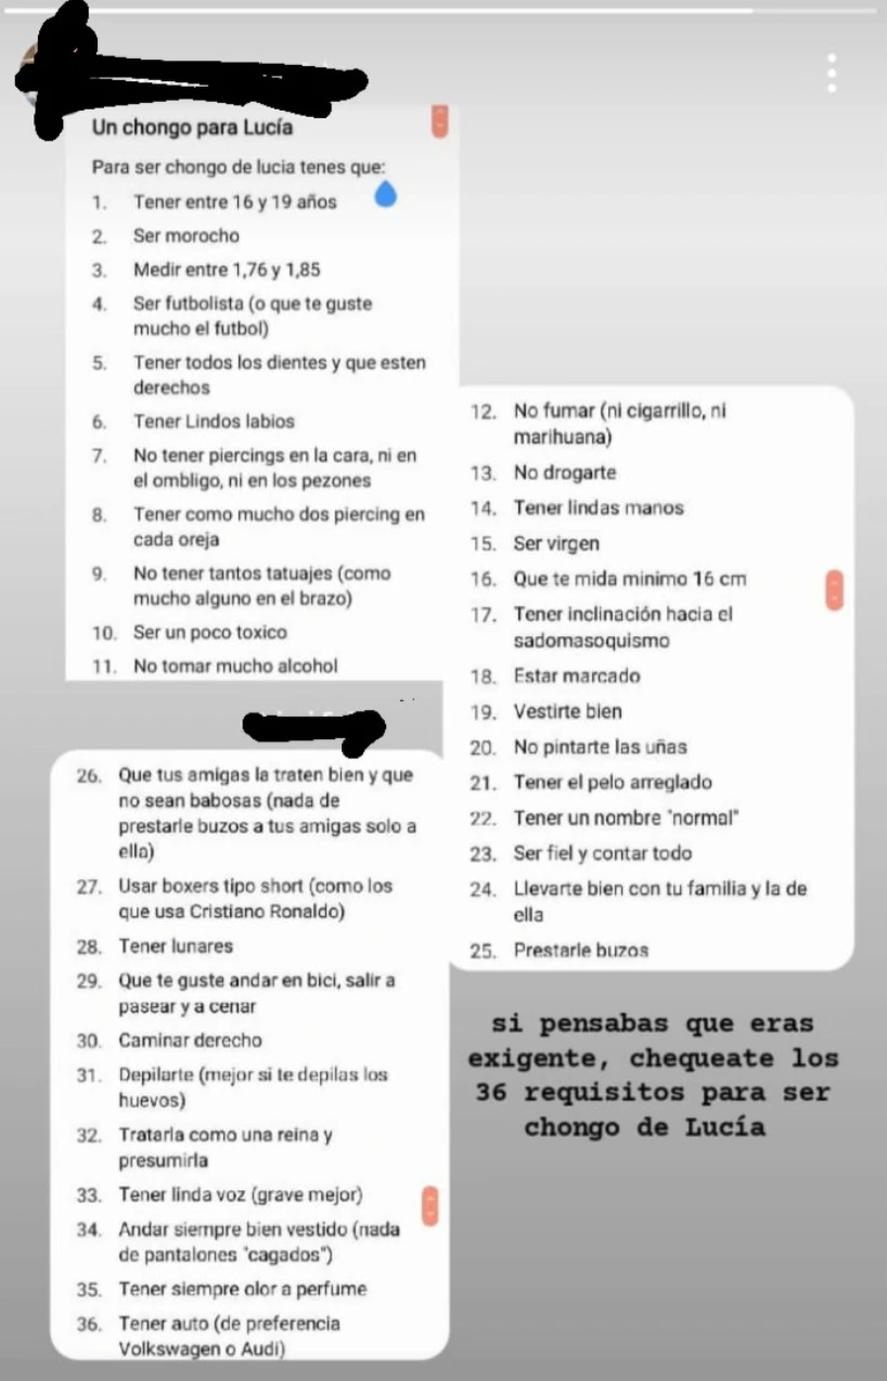 La lista completa de Lucía